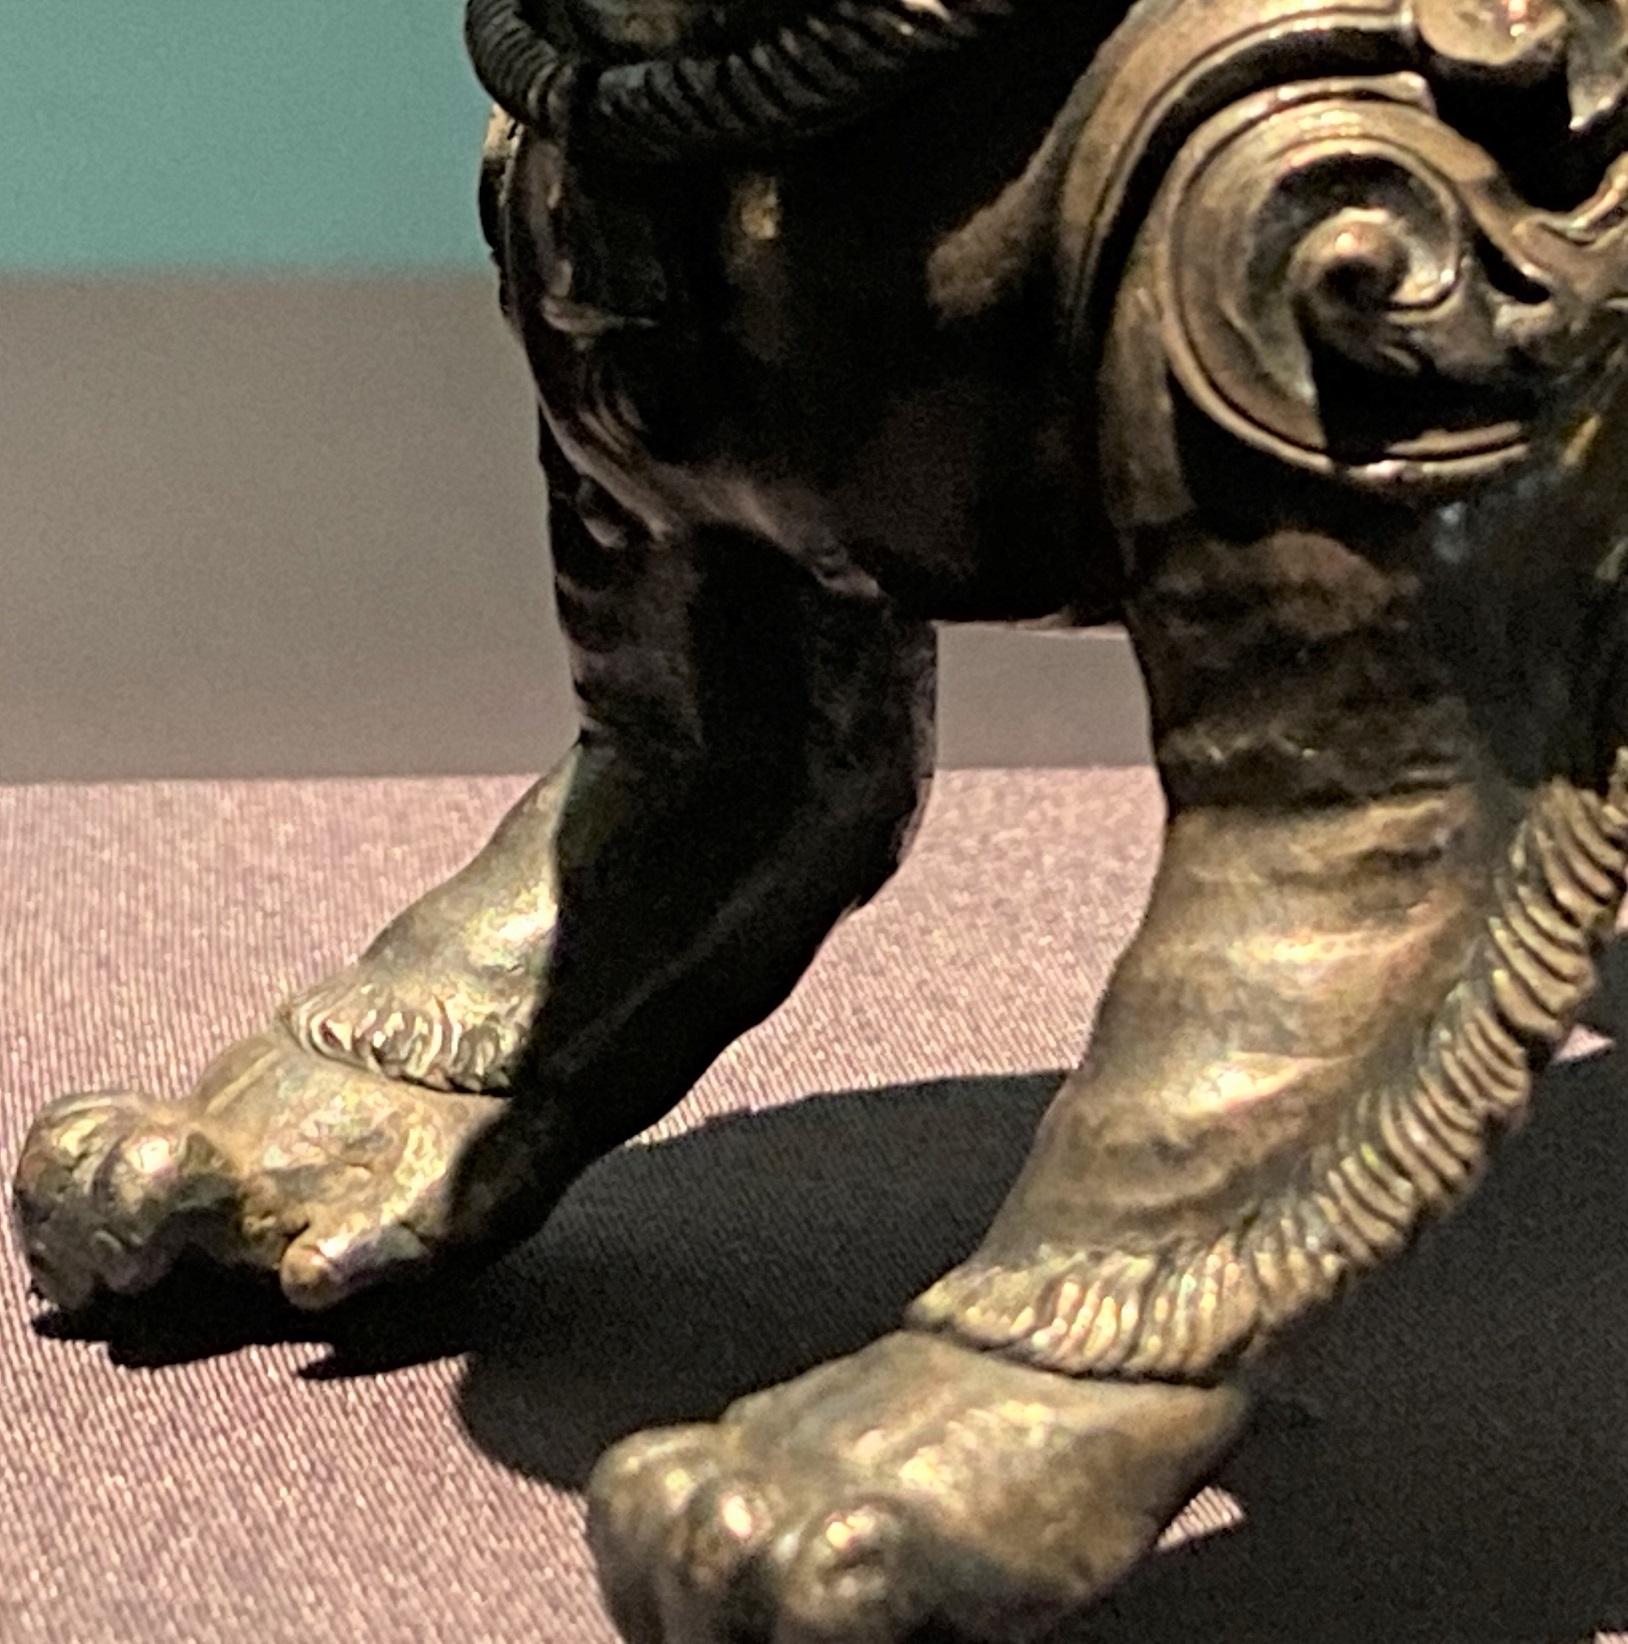 銀獅子-特別展【七宝玲瓏-ヒマラヤからの芸術珍品】-金沙遺跡博物館-成都